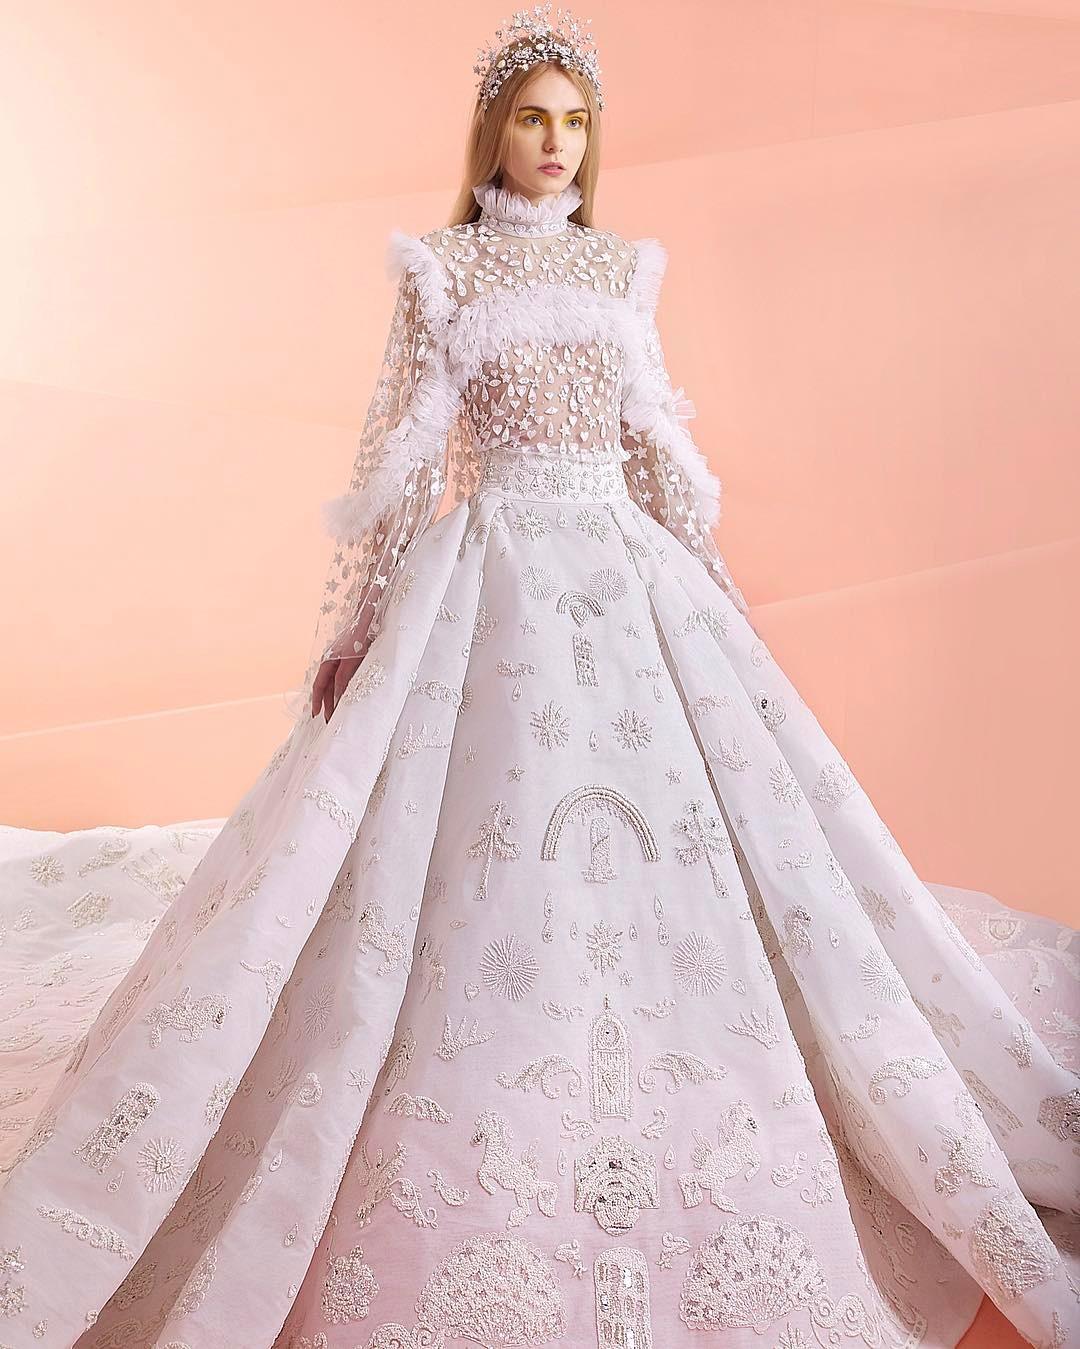 13件讓女人「甘願跳進愛情墳墓」的夢幻爆表婚紗 想當「迪士尼公主」這件真的能圓夢!